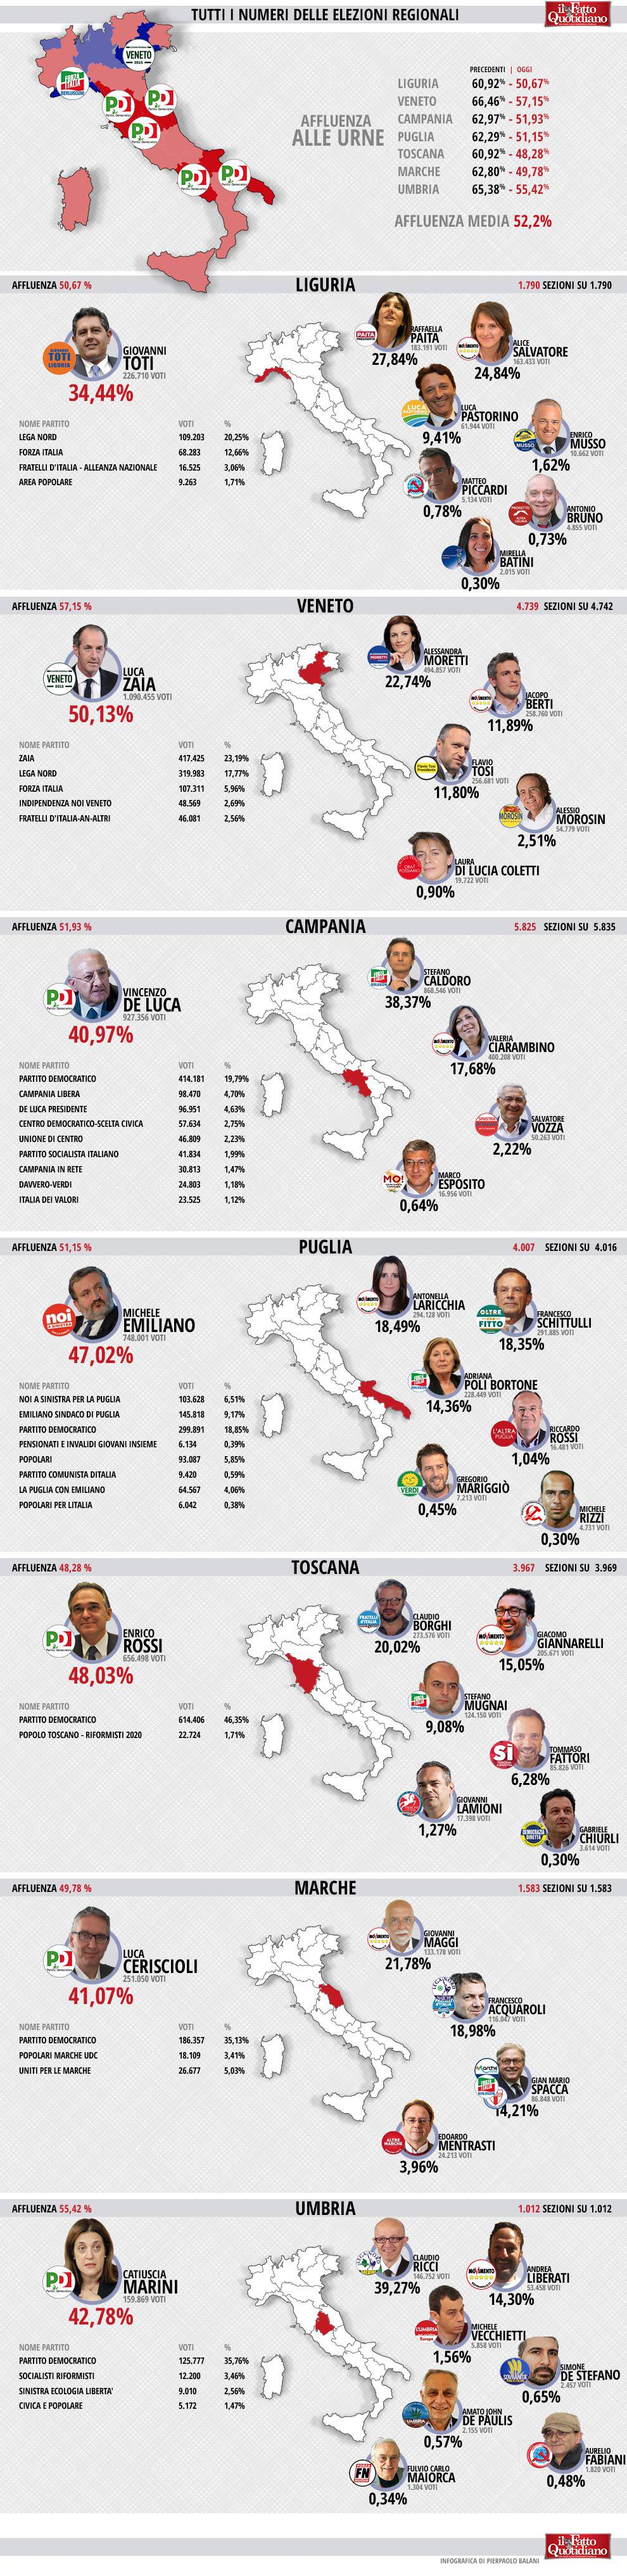 009-infografica-ilfattoquotidiano-elezioni-regionali-2015